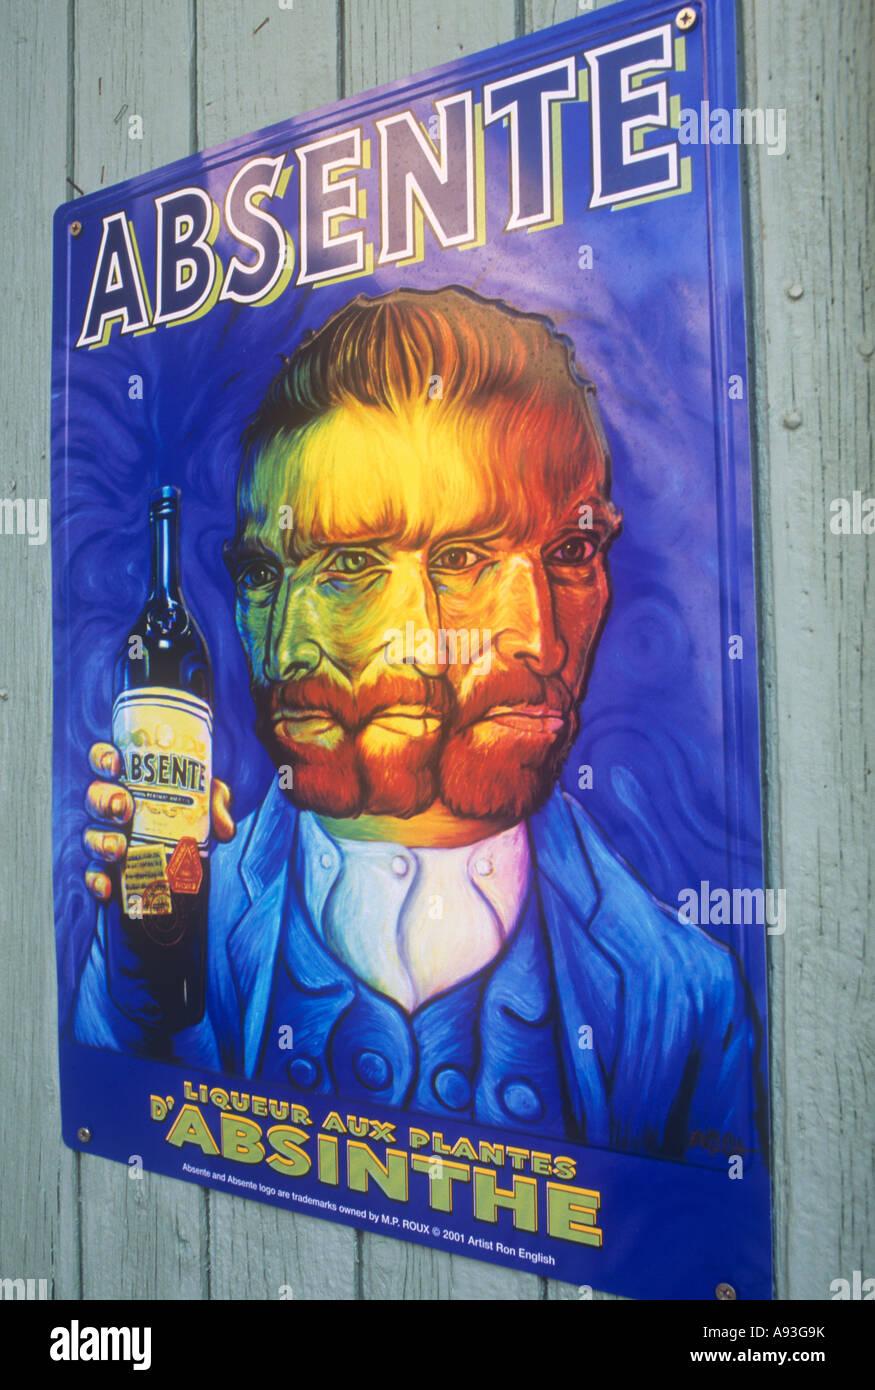 Affiche publicitaire pour l'Absinthe en France boisson alcoolisée avec son célèbre buveur, Van Photo Stock